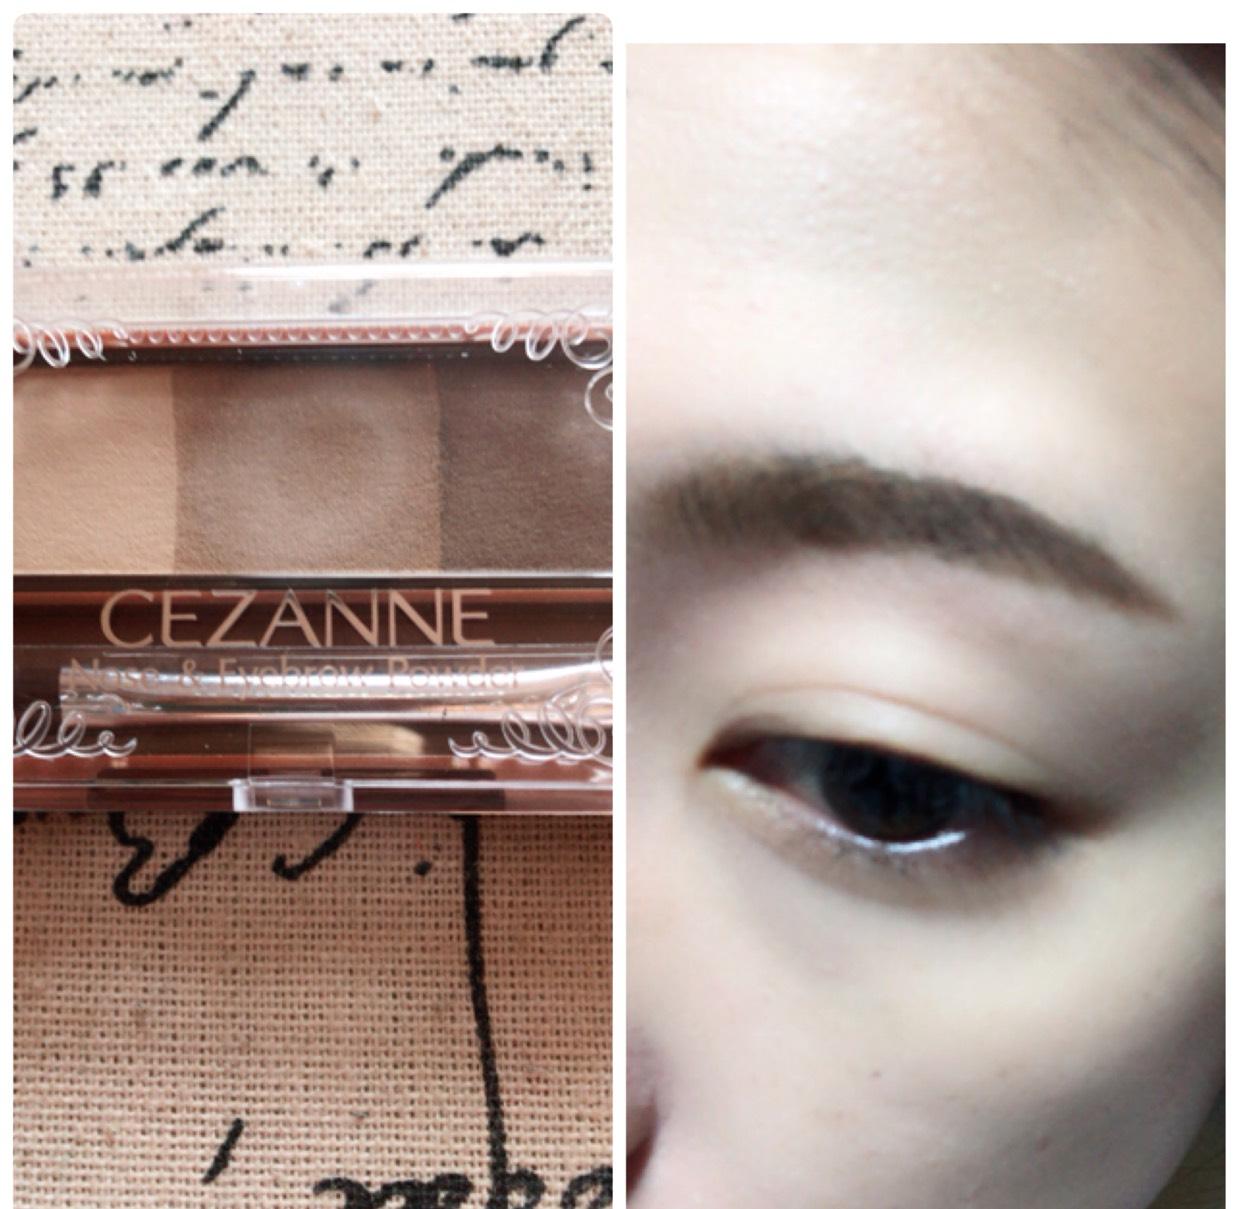 眉尻を濃く、眉頭を薄くなるように眉毛を書きます。